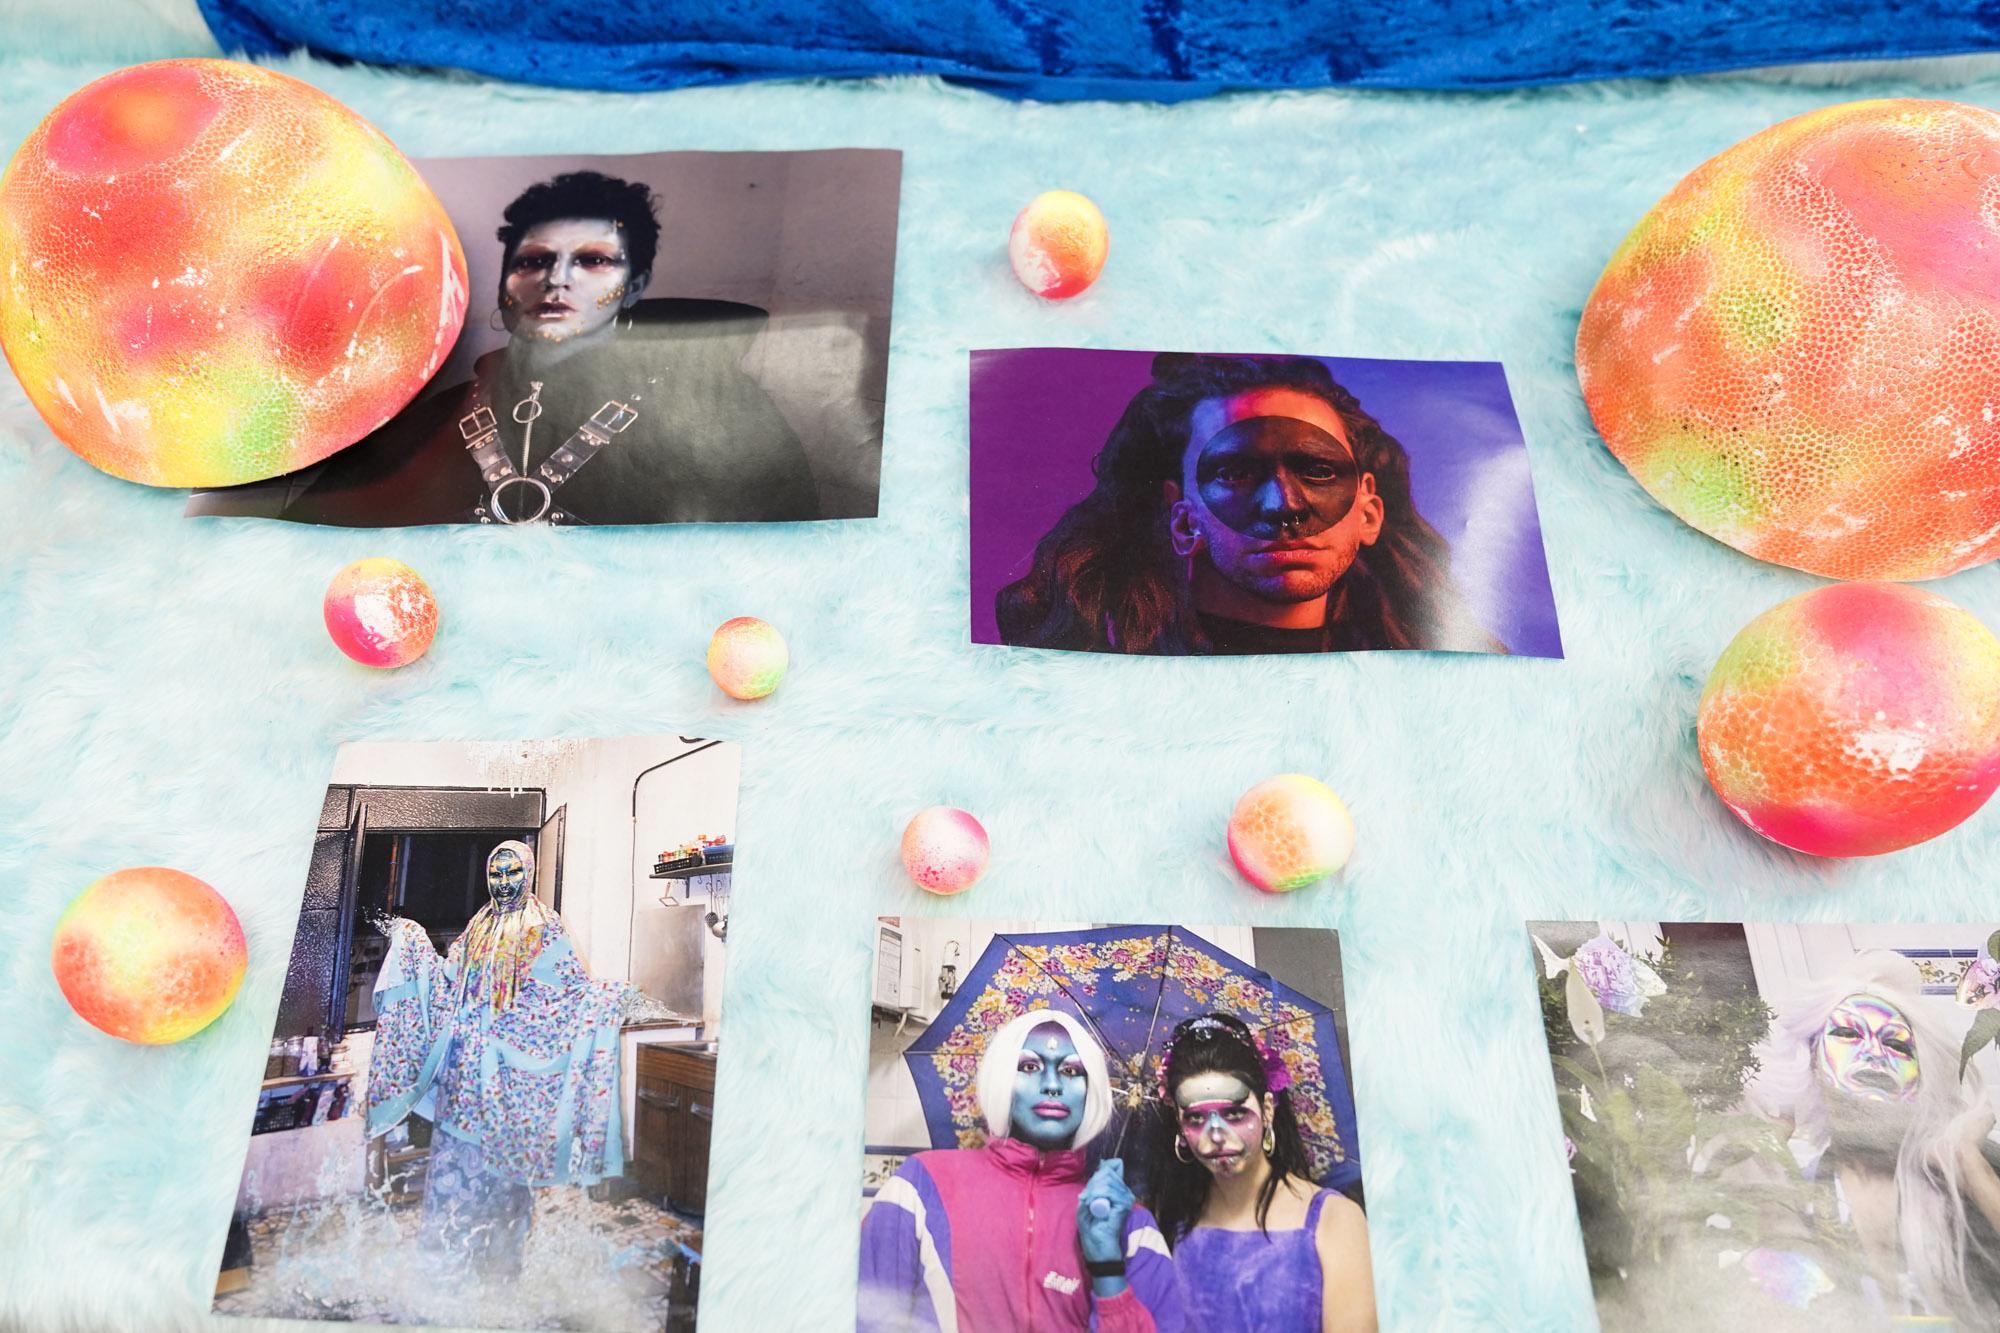 CaballeroCosmica-Exhibitionphoto-openstudio-26.jpg